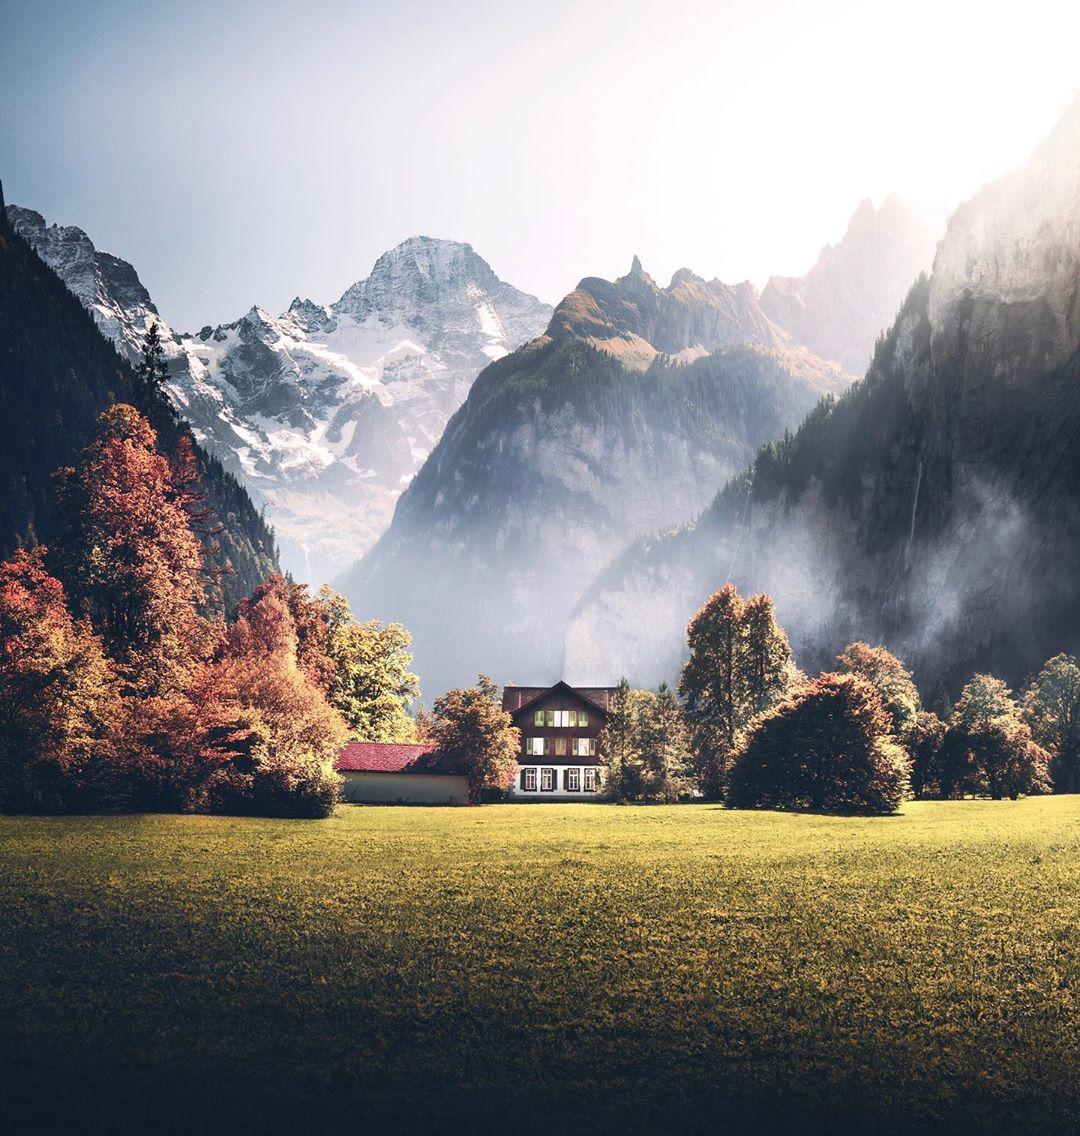 Удивительные пейзажные снимки от Мэтта Оуэн-Хьюза